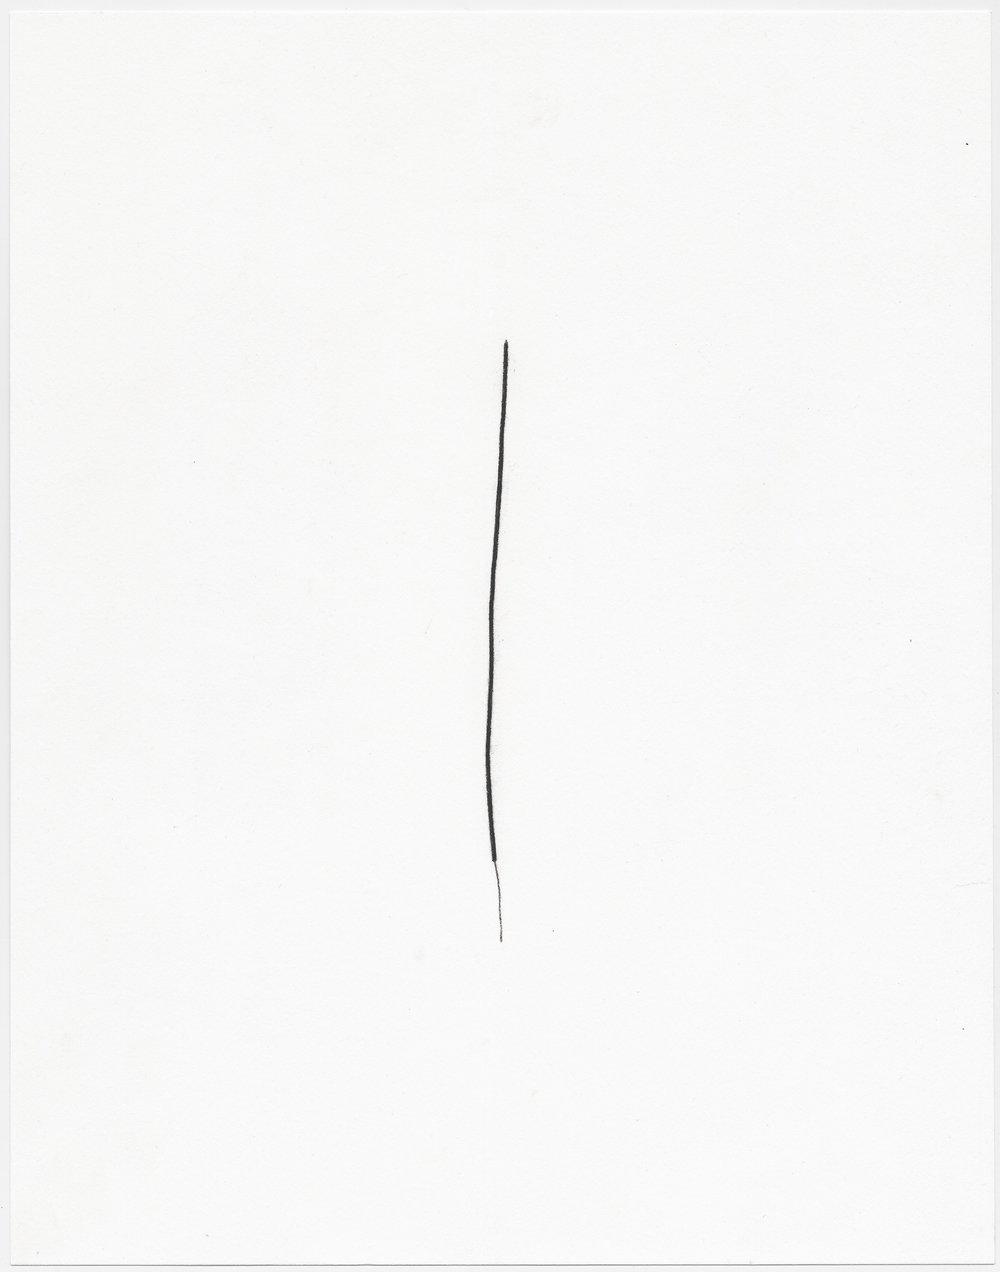 © Sophie Jodoin, %22elle commence ici 19%22, fusain sur papier Stonehenge : charcoal on Stonehenge paper, 35,5 x 28 cm, 2018. Courtesy Galerie C.jpg